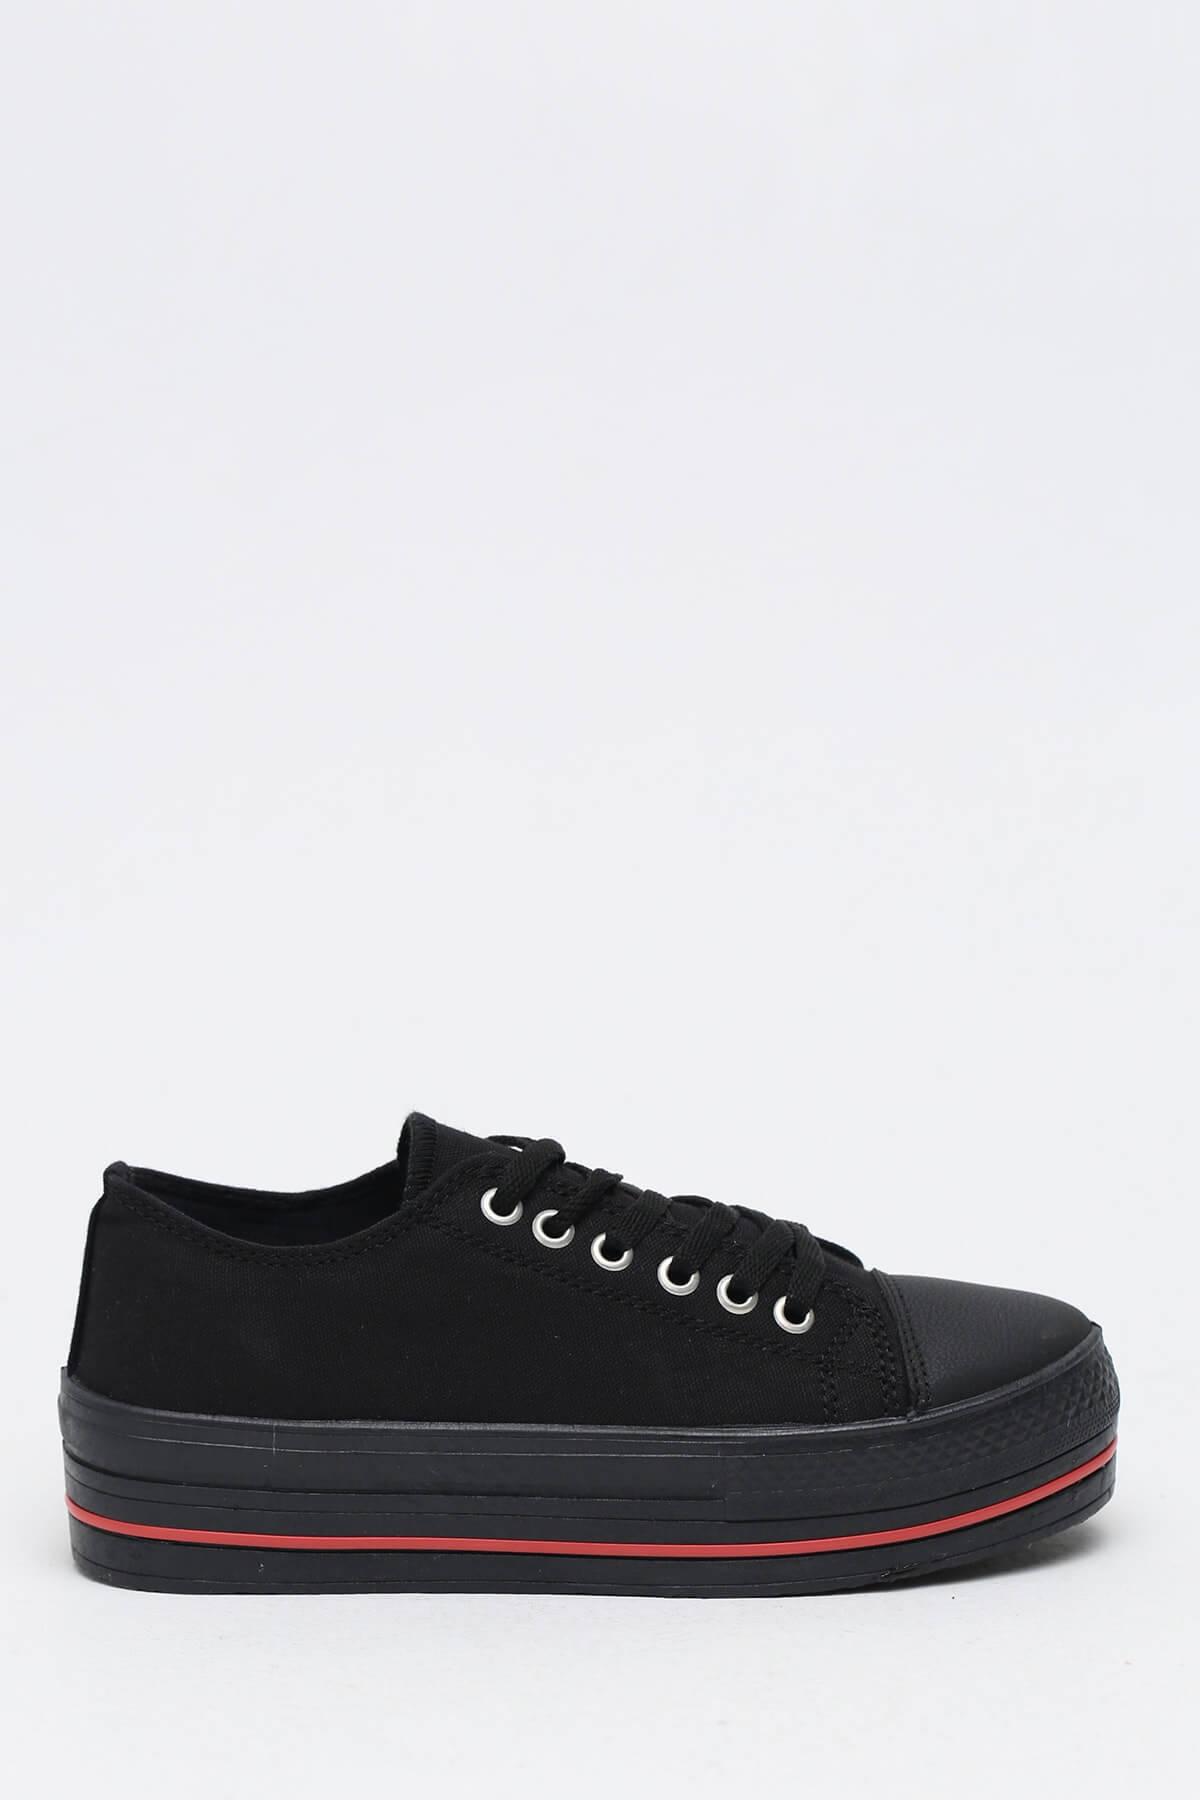 indirimli sneakers